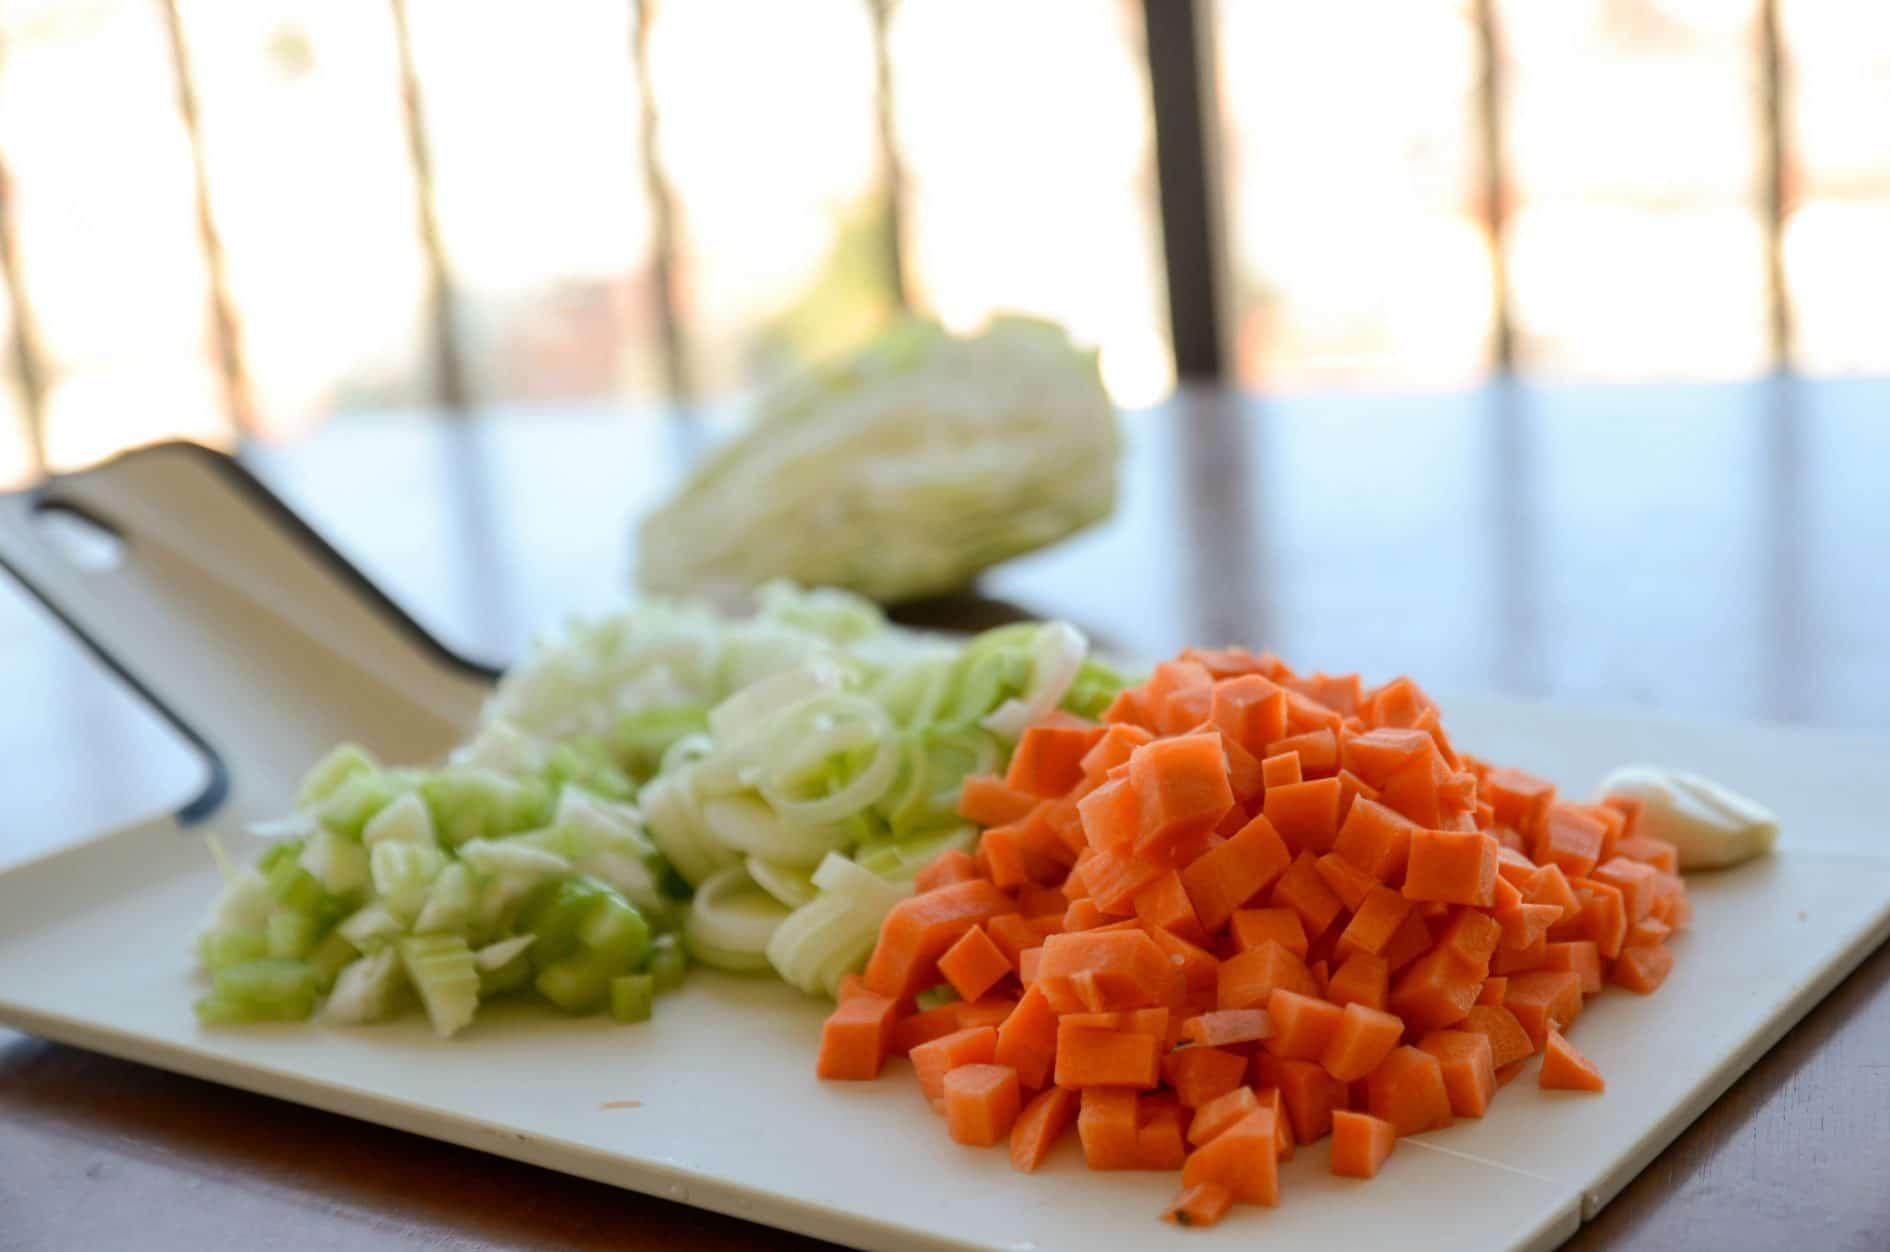 Receita de sopa de batatas com vegetais - ingredientes para a sopa